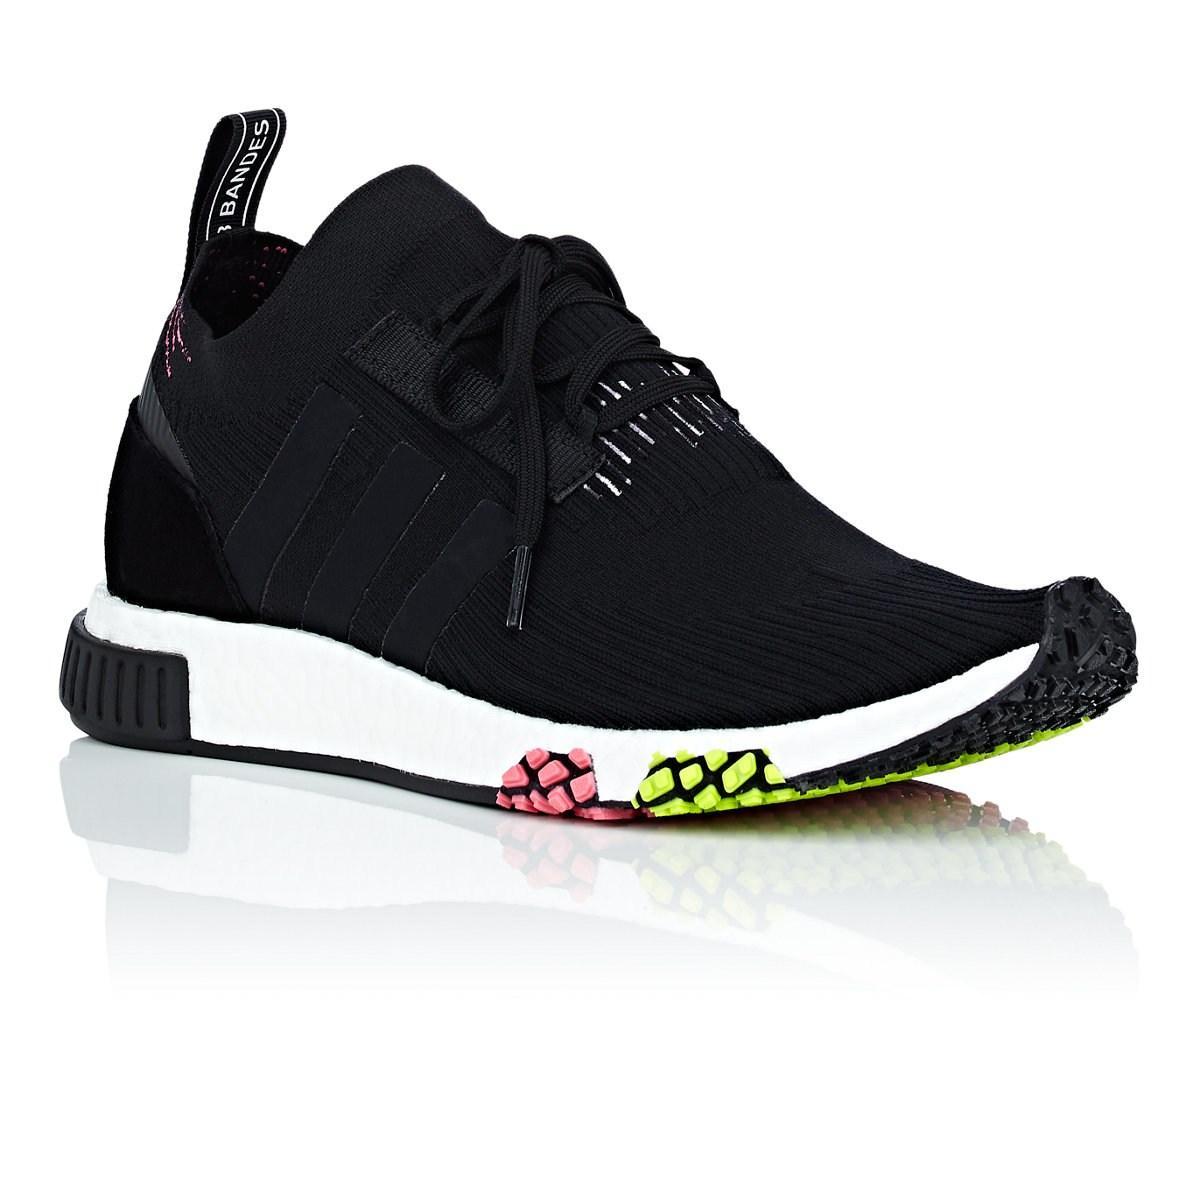 c88660820 Adidas - Black Nmd Racer Primeknit Sneakers for Men - Lyst. View fullscreen